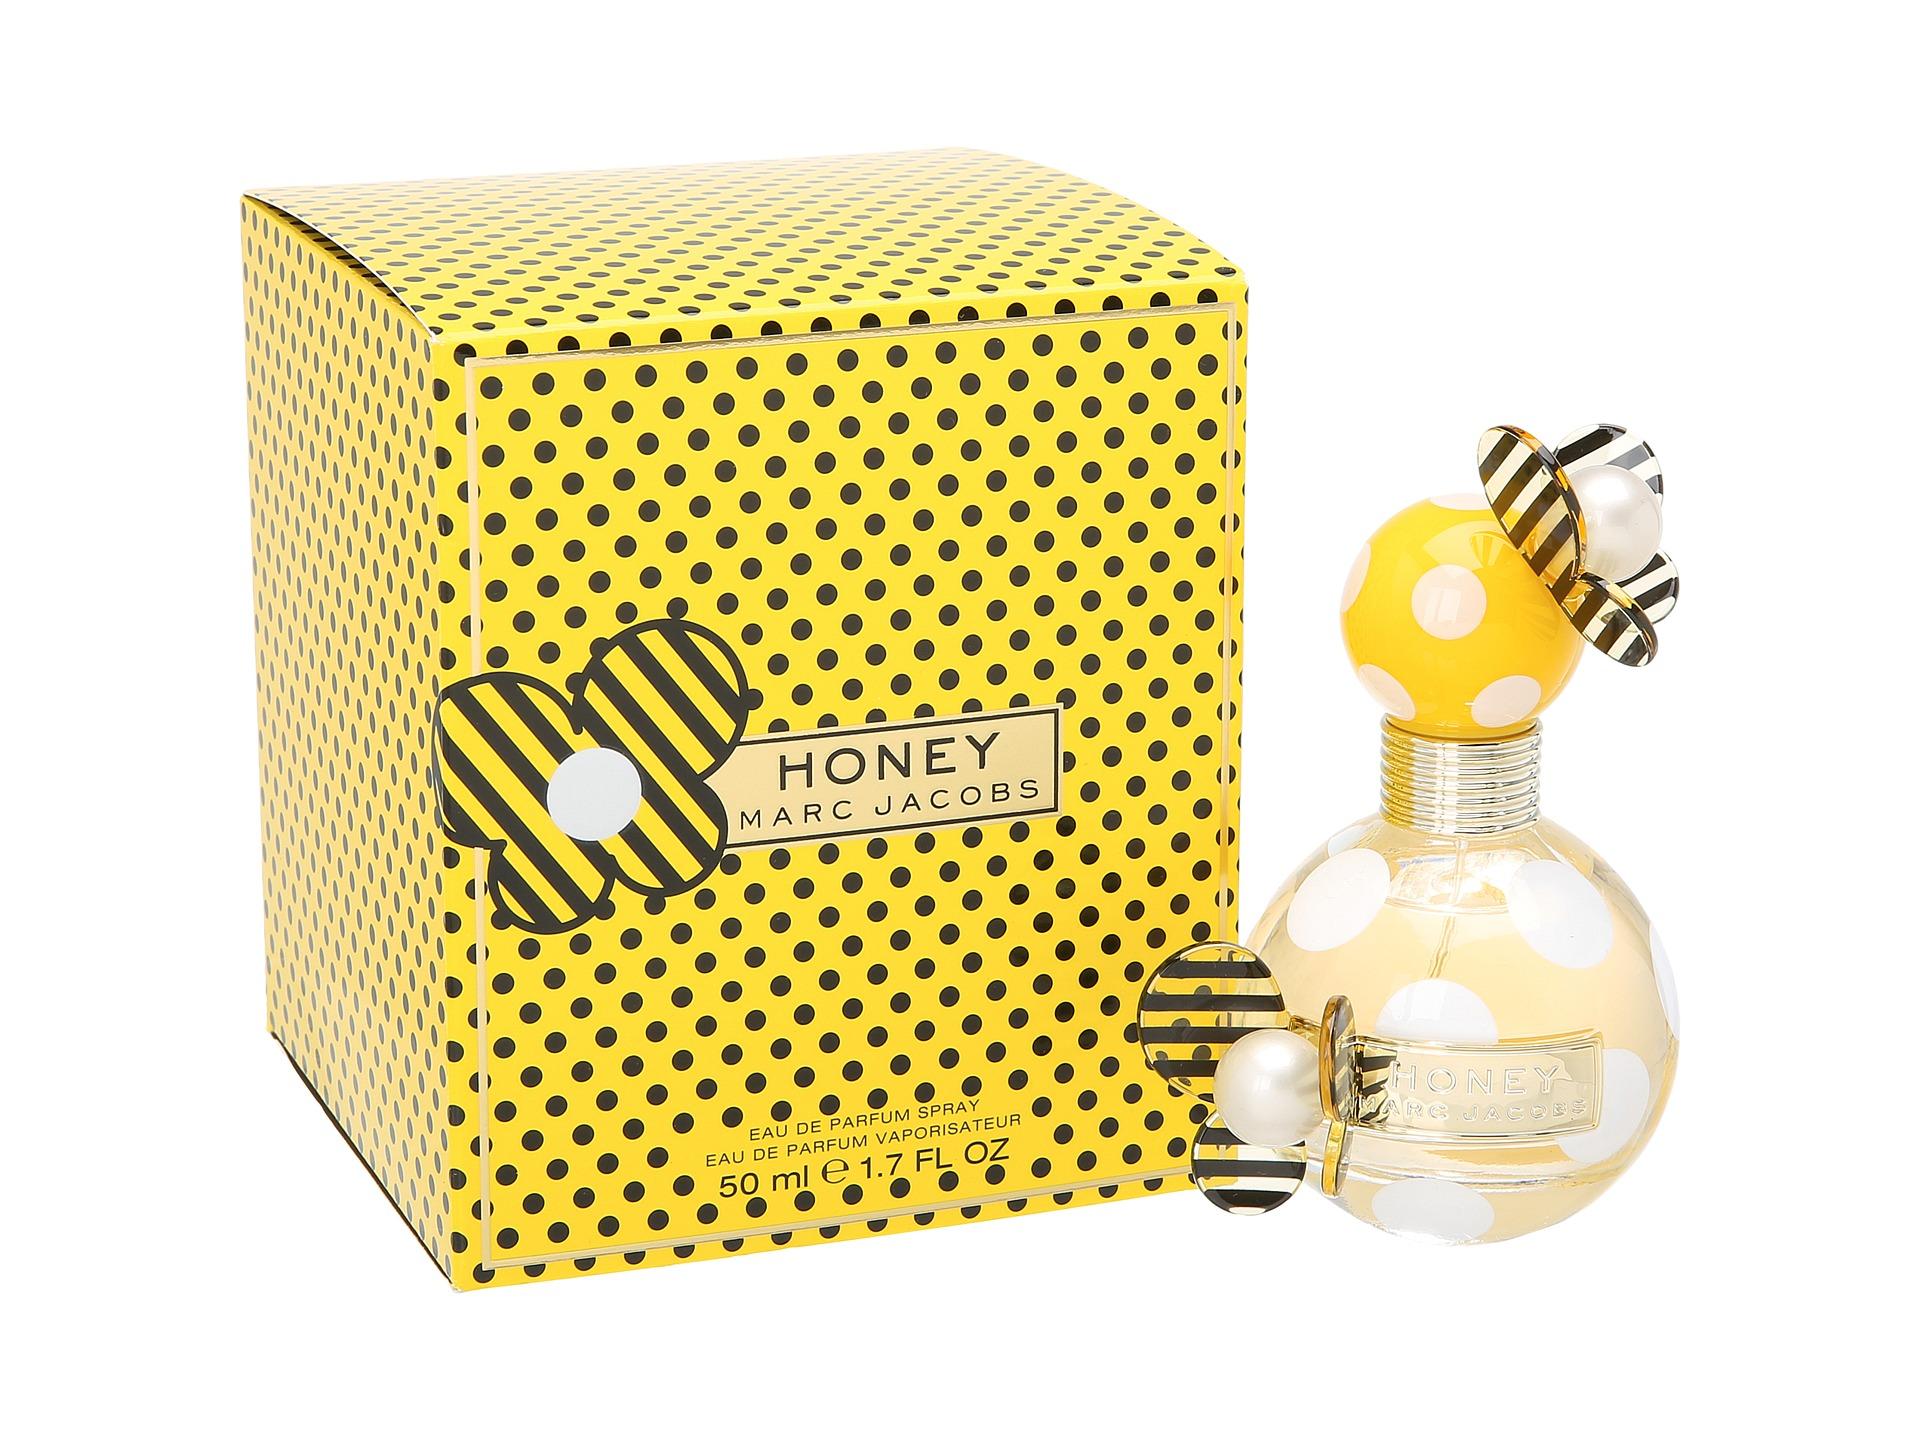 marc jacobs marc jacobs honey eau de parfum 1 7 fl oz. Black Bedroom Furniture Sets. Home Design Ideas